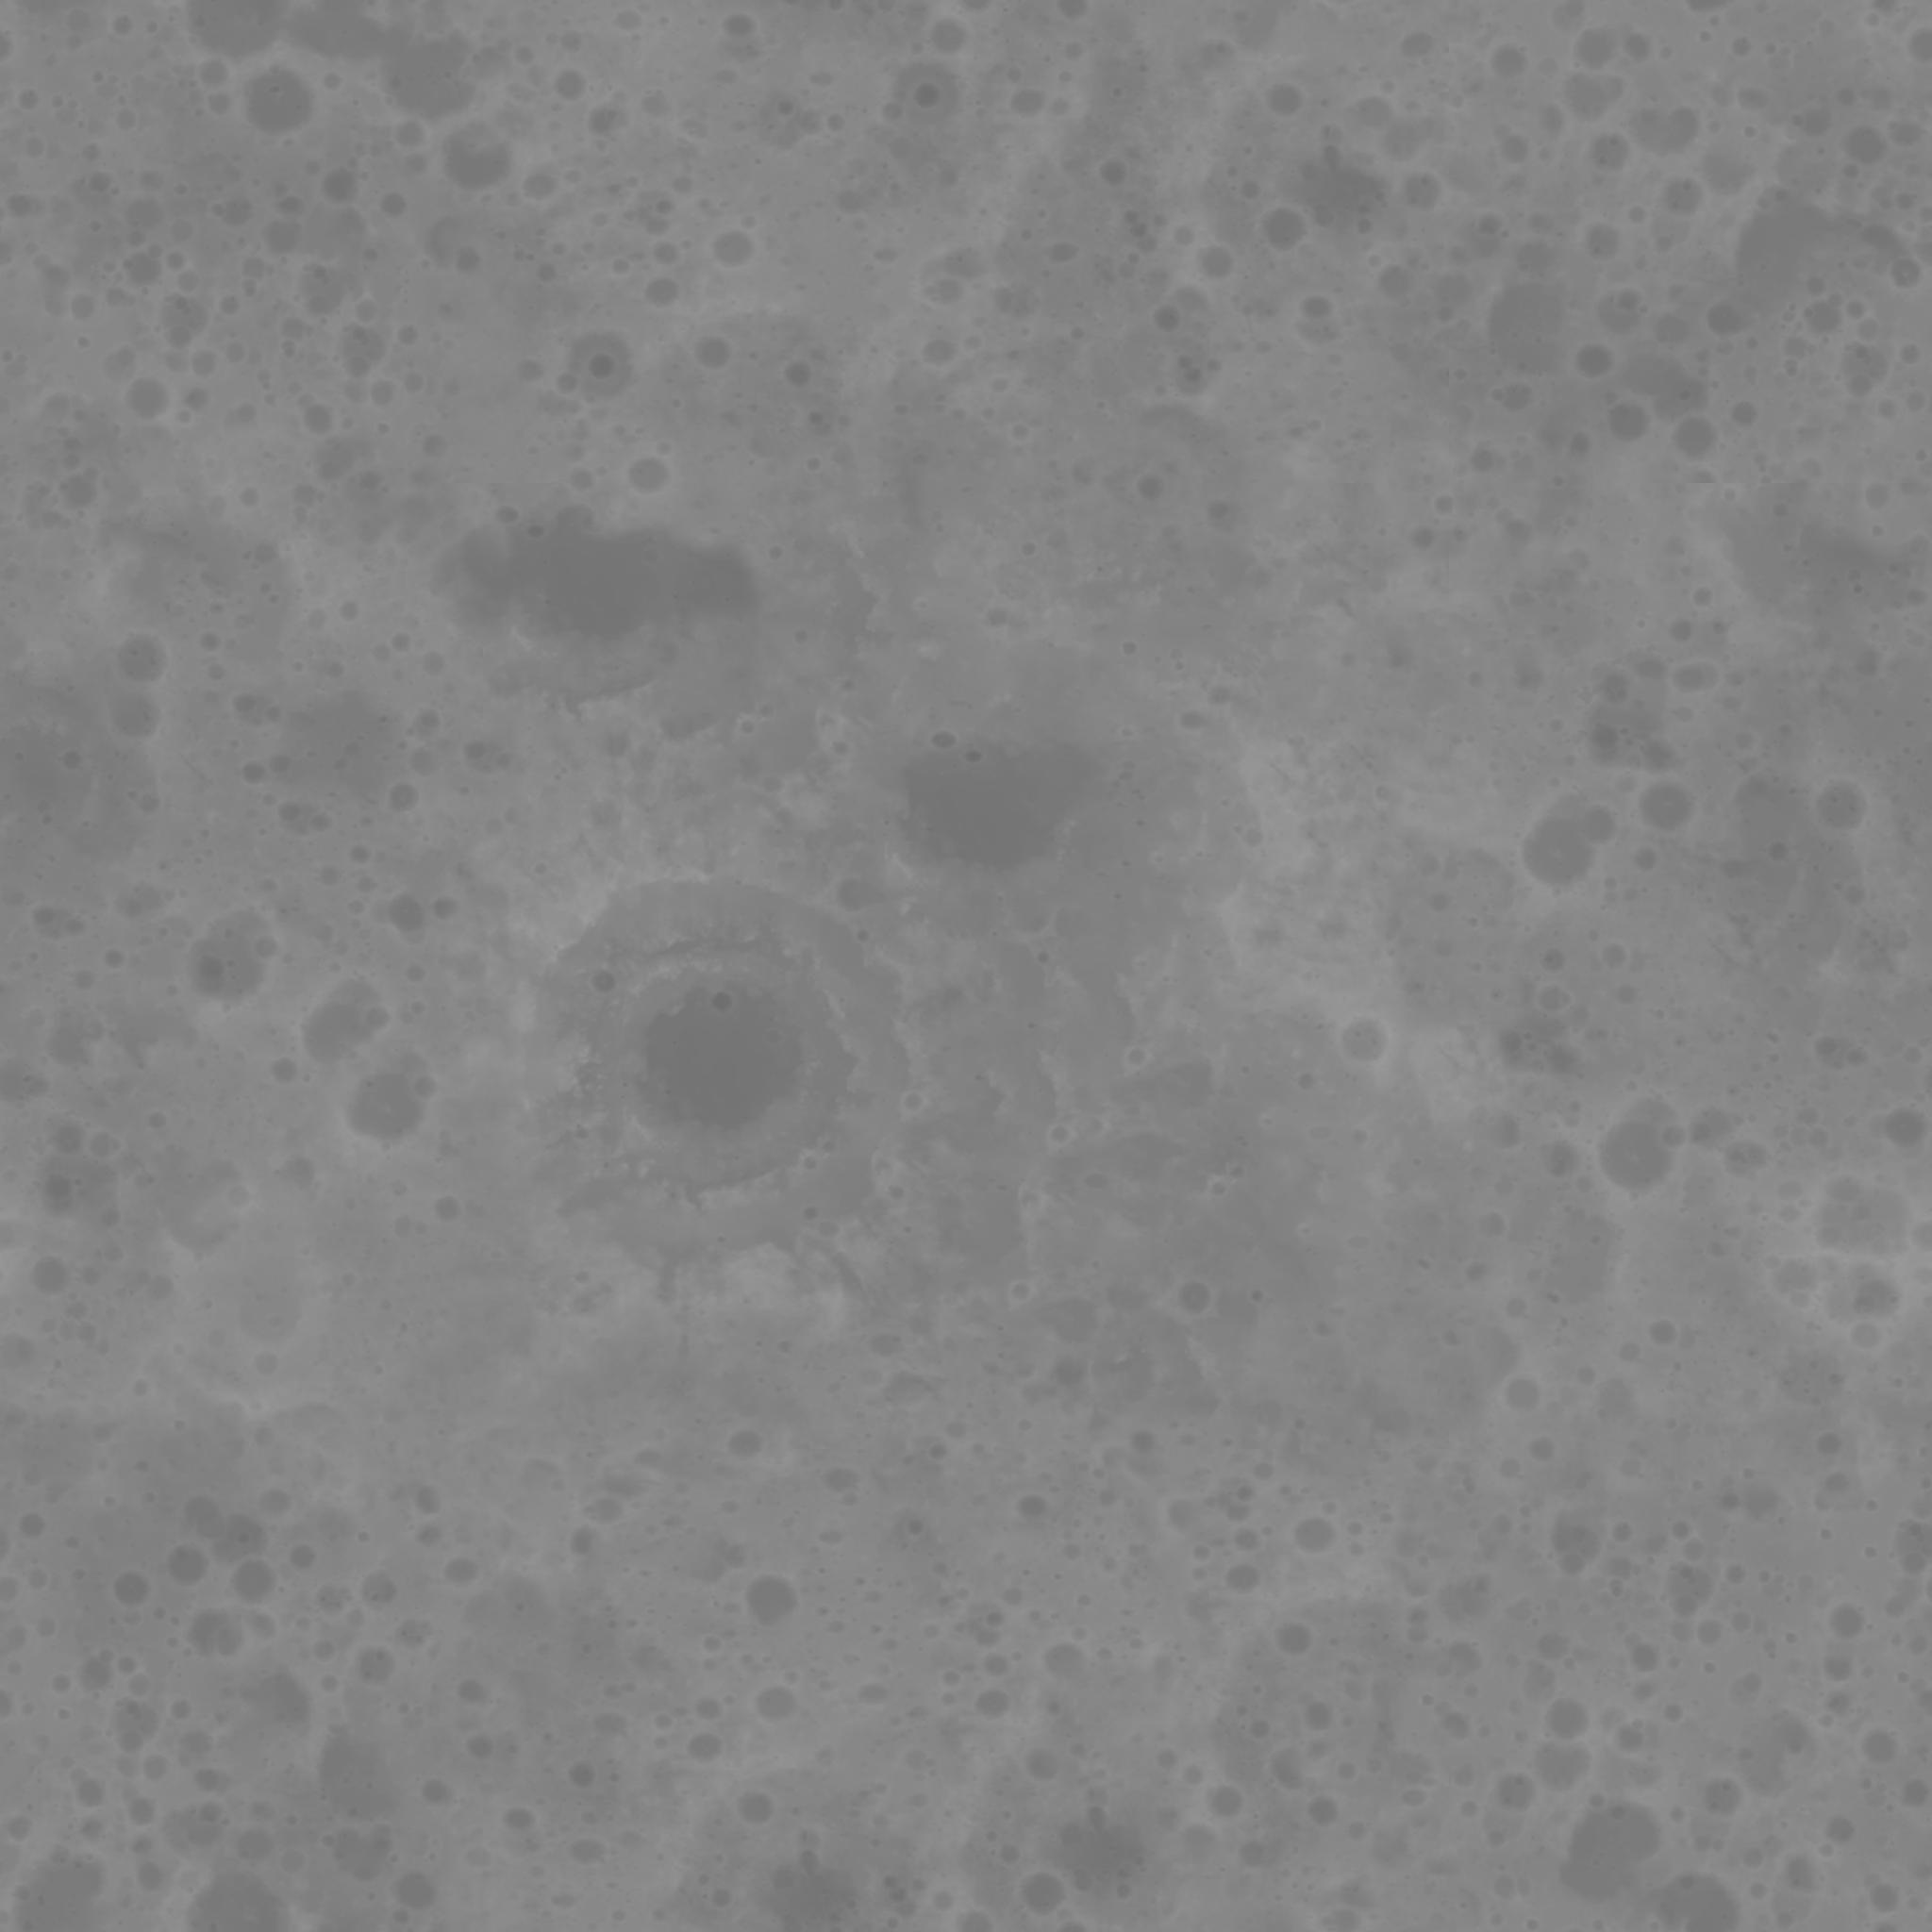 Lunar Rock   OpenGameArt org